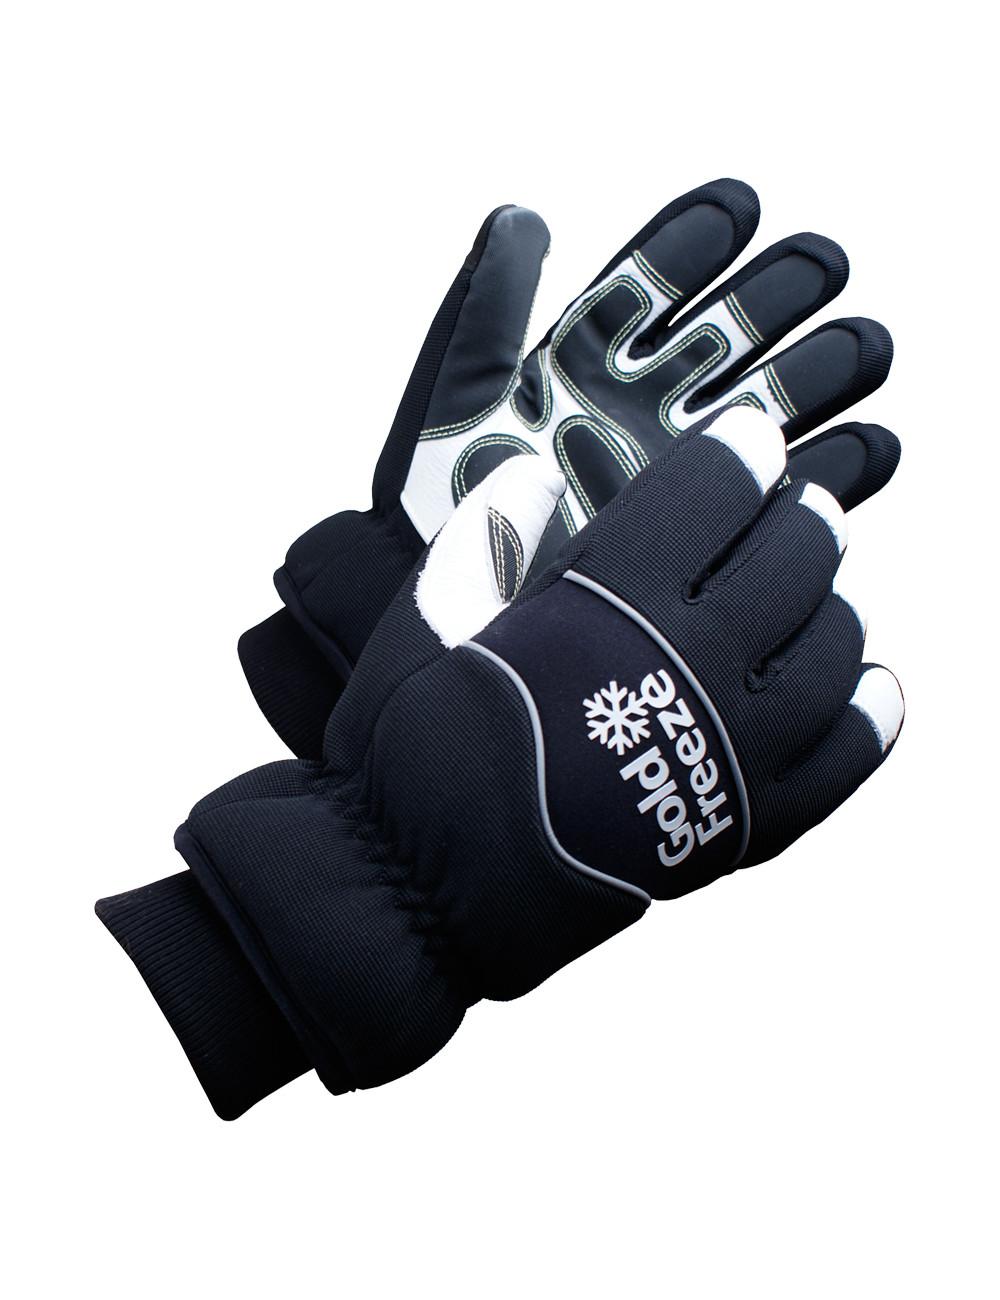 Rękawice do mroźni ze skóry, Eisbaer Goldfreeze, do -40 stopni